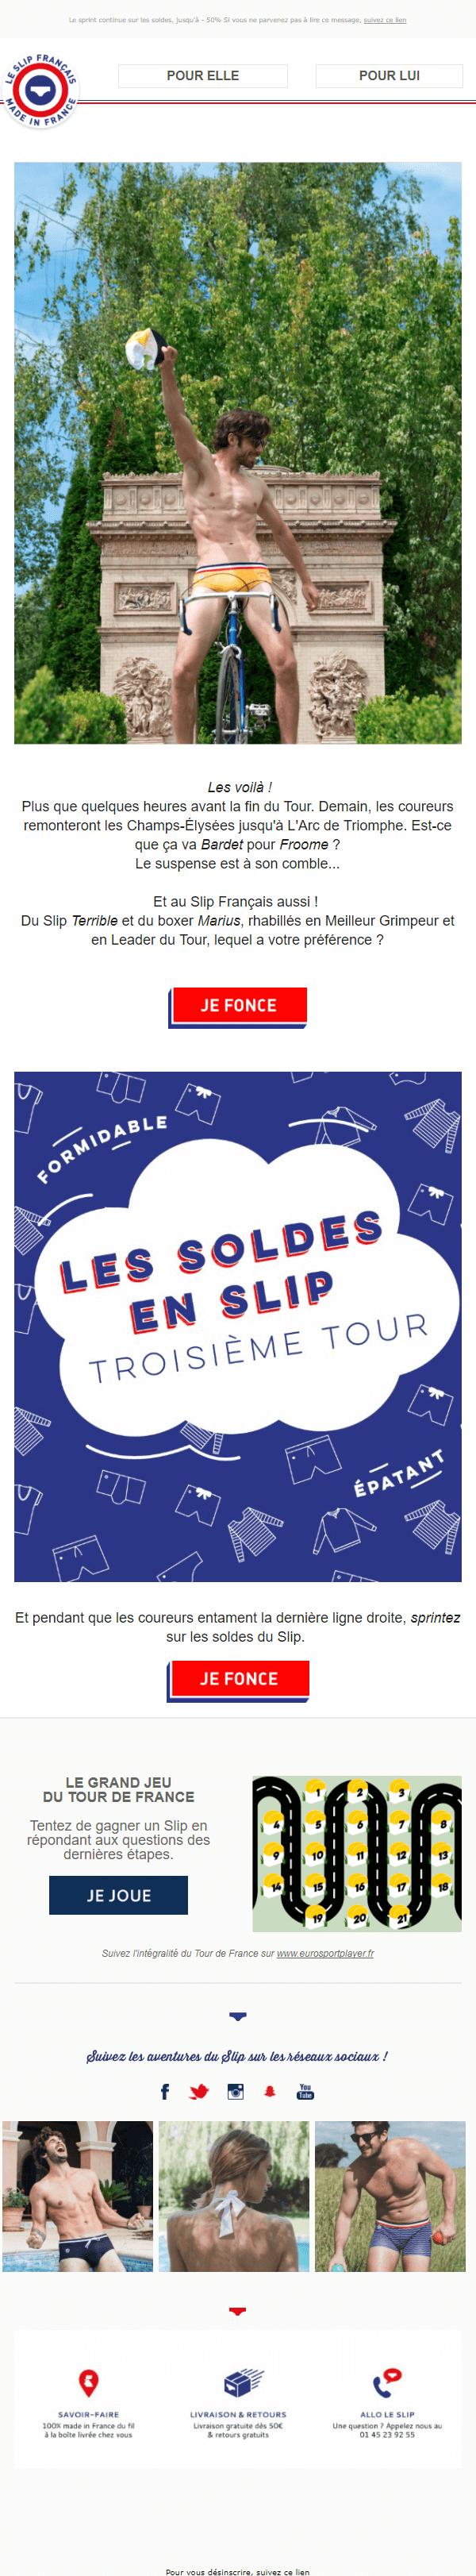 Exemple newsletter #5 : Le Slip Français